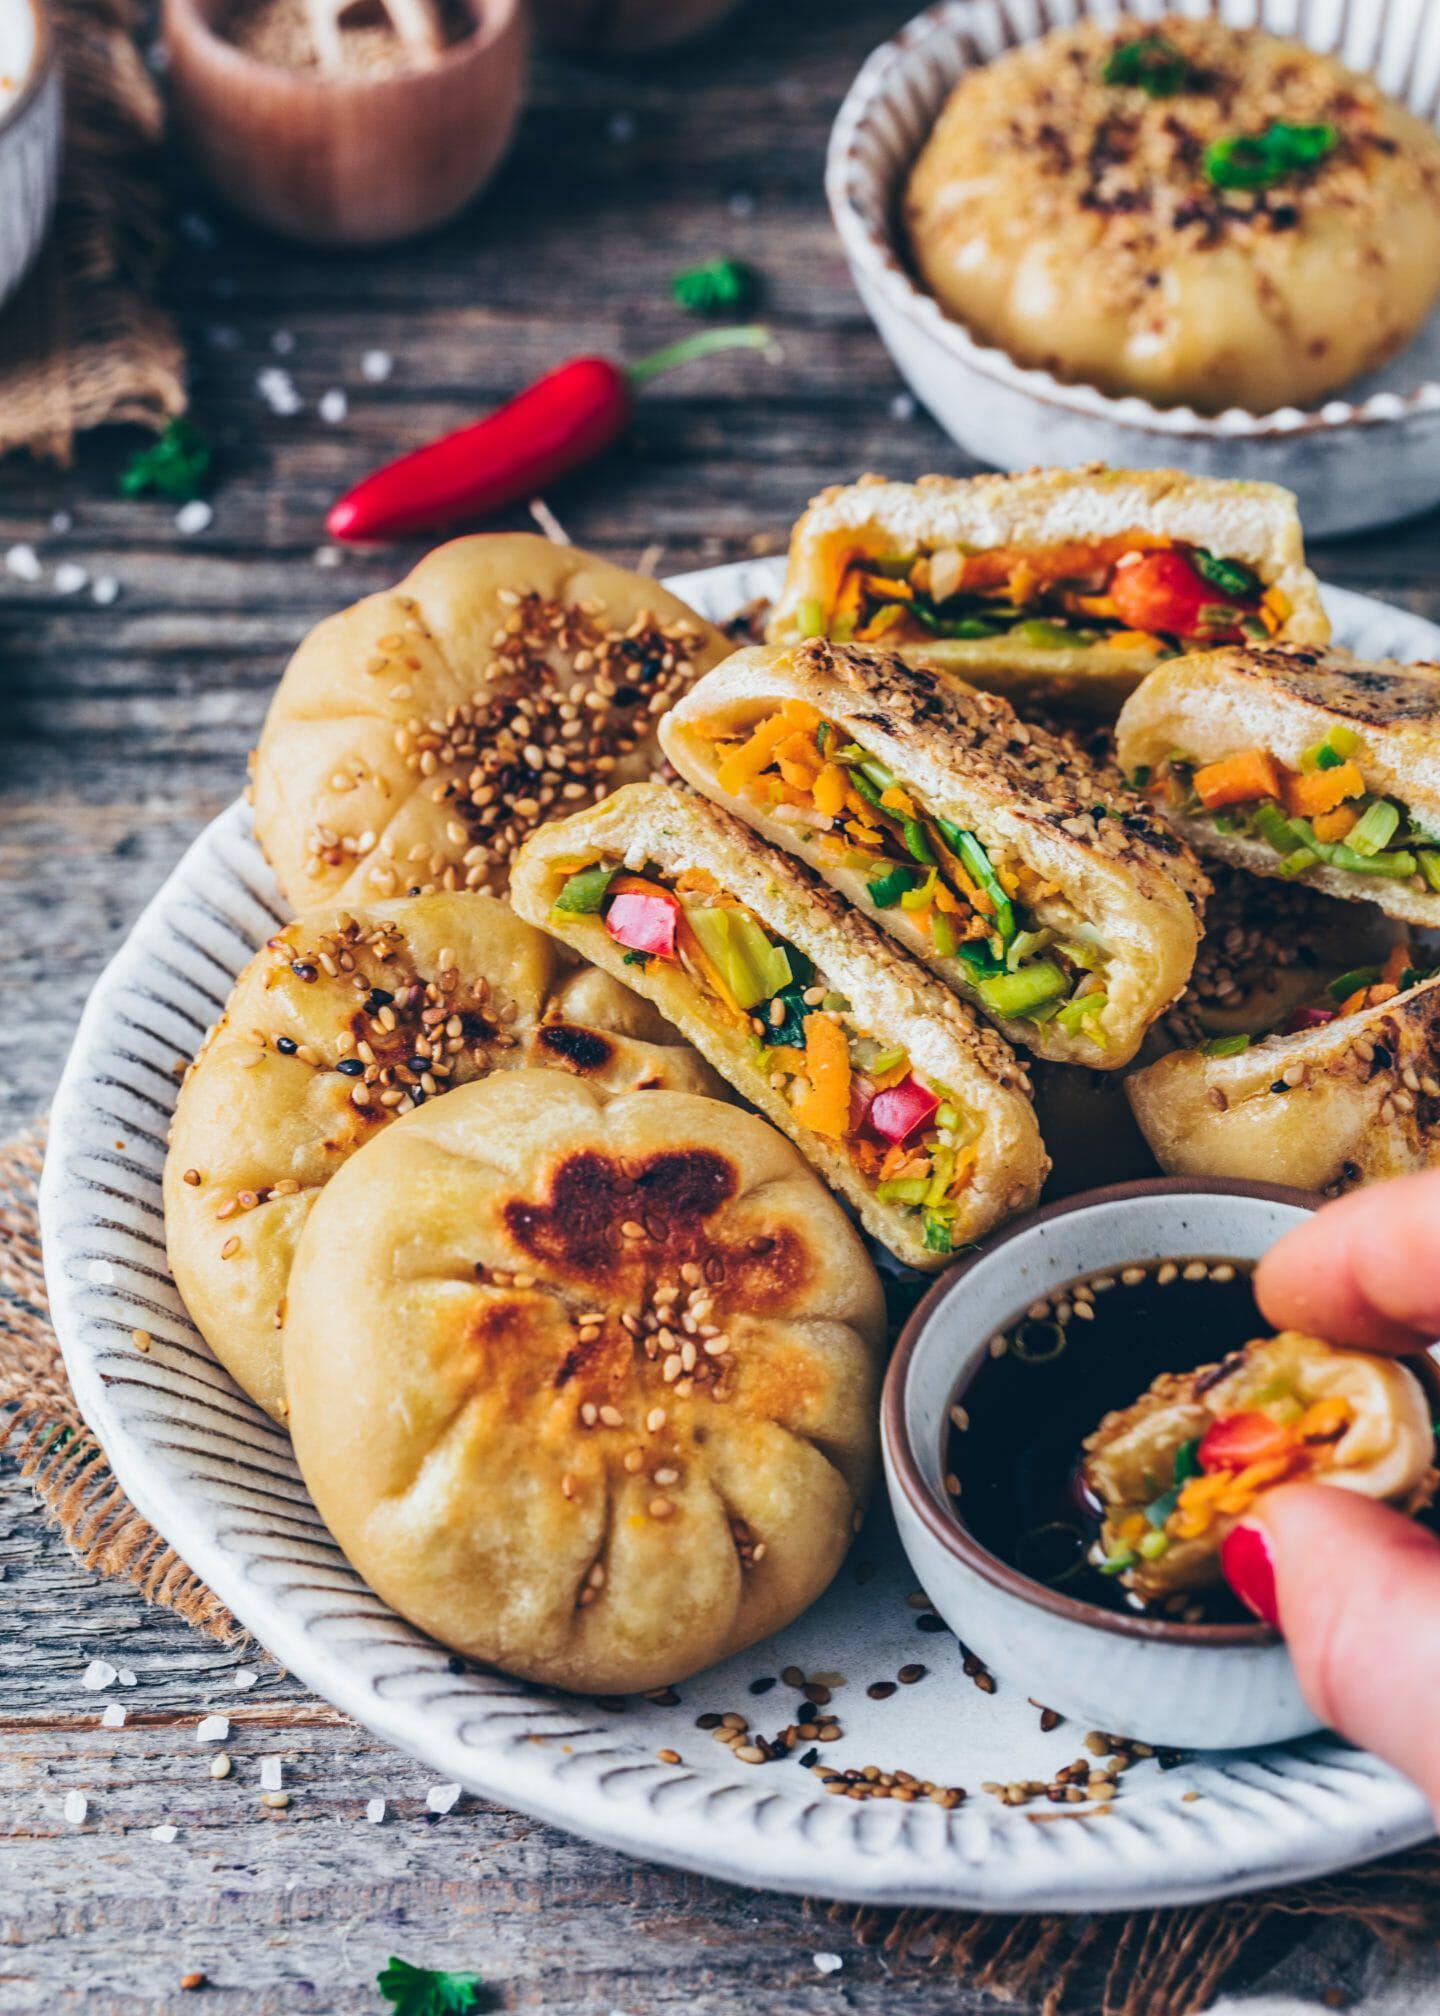 """Wenn du vegane Teigtaschen wie Chinesische Dumplings (Gyoza), Ravioli oder Baozi liebst, wirst du auch dieses Rezept für knusprig gebratene, gedämpfte Gemüse-Brötchen lieben! Diese Baozi Buns werden auch """"Sheng Jian Bao"""" genannt und sind gesund gefüllt mit viel Gemüse statt Fleisch. Dieses Rezept enthält auch eine Schritt-für-Schritt Anleitung, wie du Hefeteig ohne viel Aufwand herstellen kannst!"""